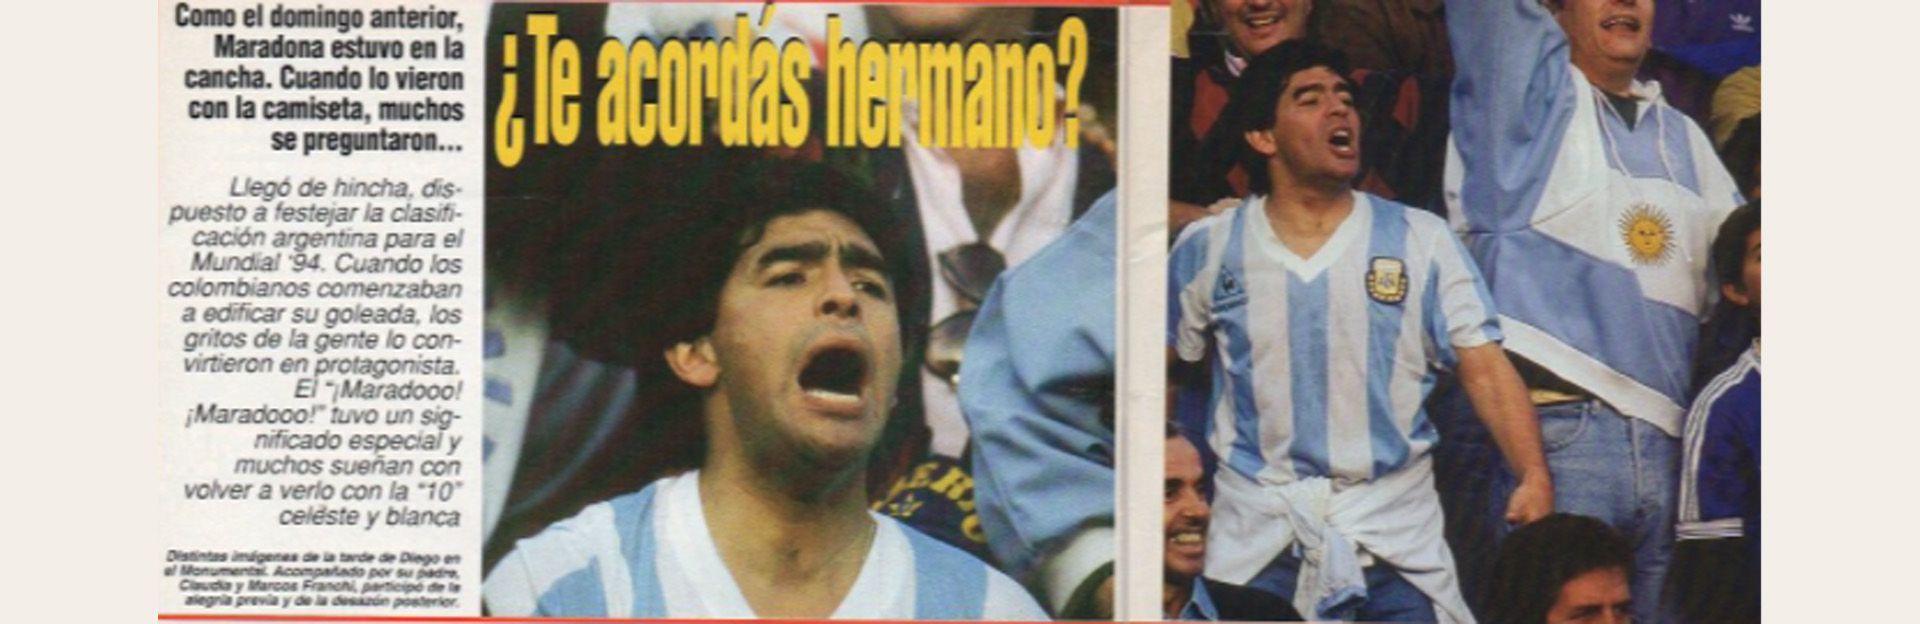 recorte de Maradona en Argentina 0-5 Colombia